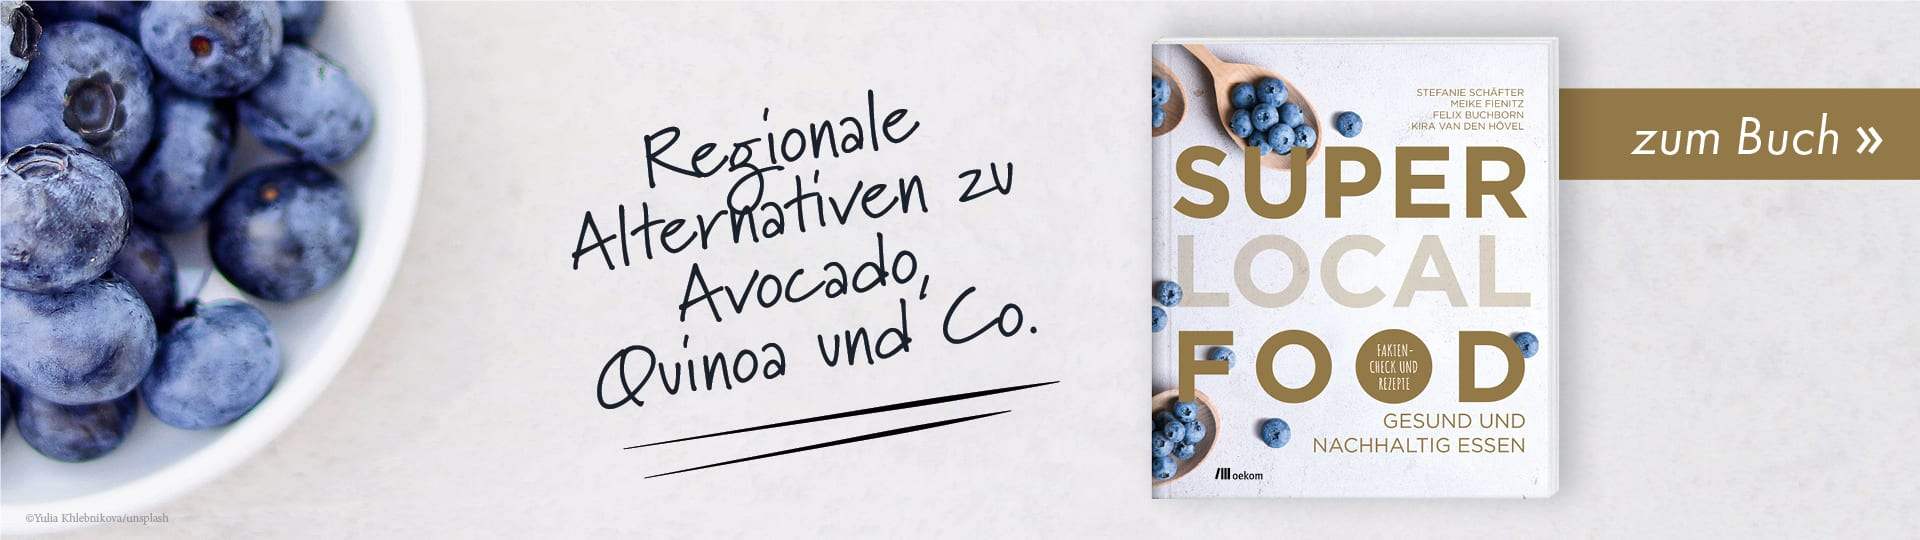 Werbebanner zum Buch »Super Local Food«